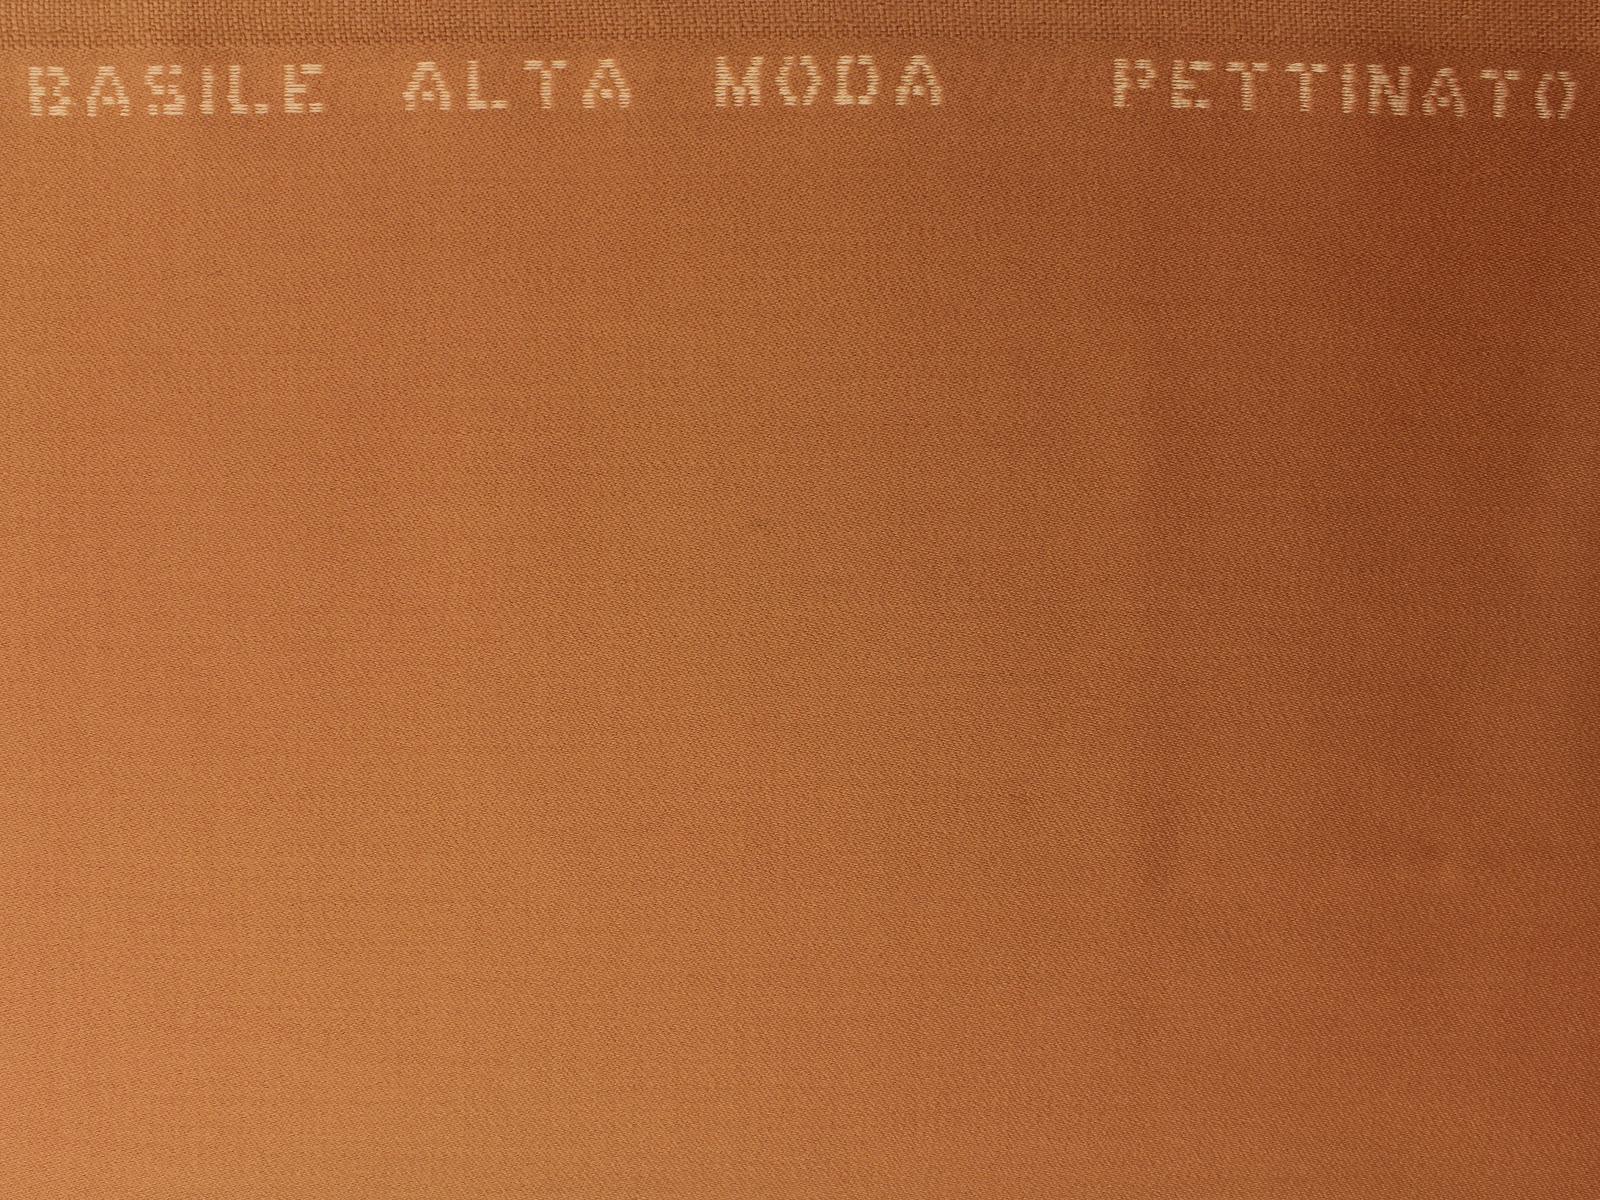 00435 Raso in lana   Cipria BASILE